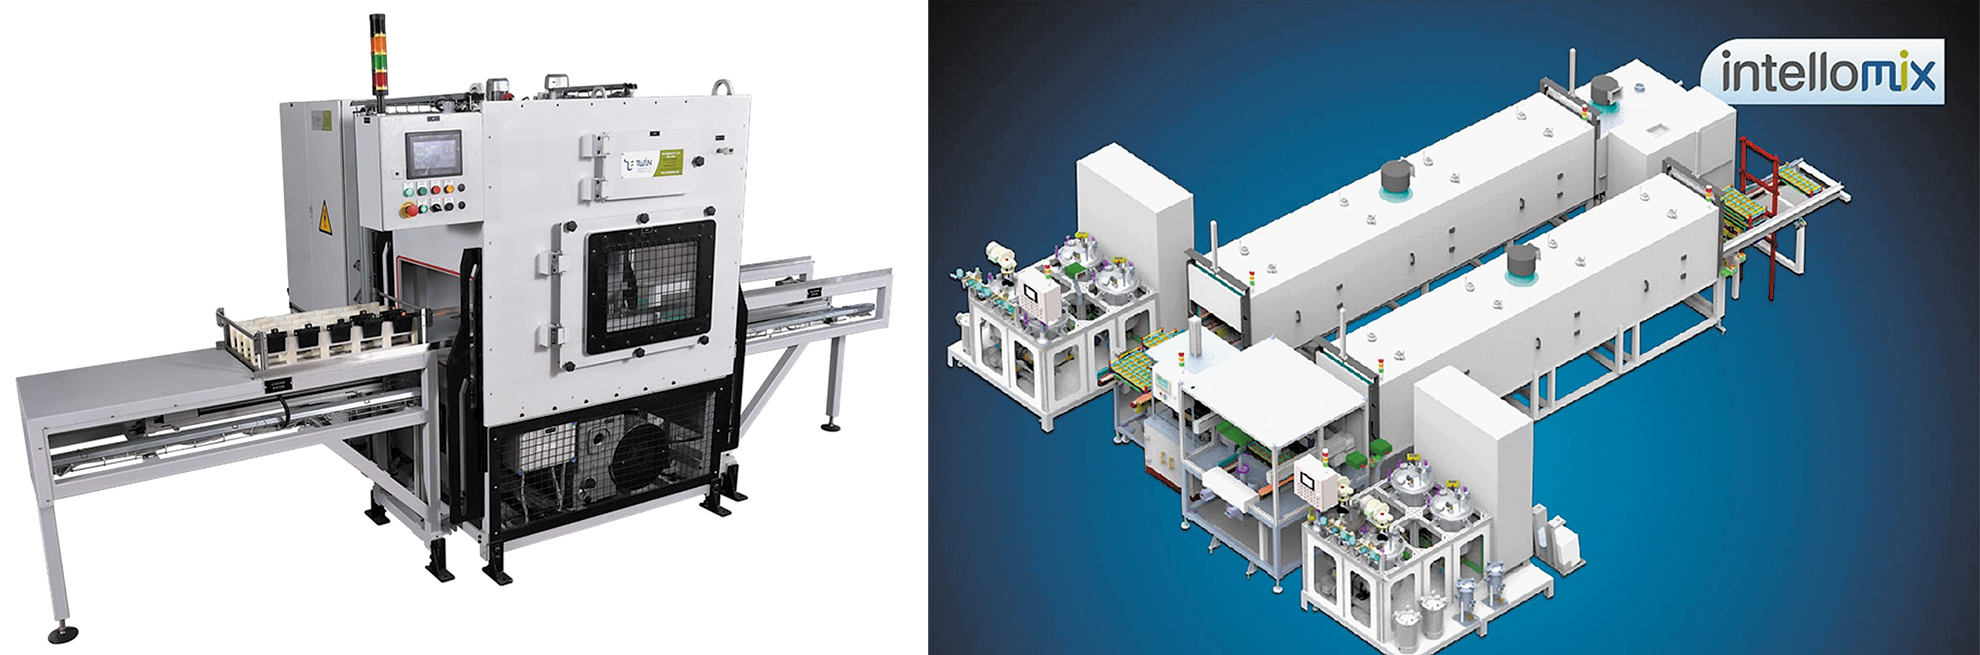 Автомат для вакуумной заливки и полностью автоматическая конвейерная линия серии Intellomix